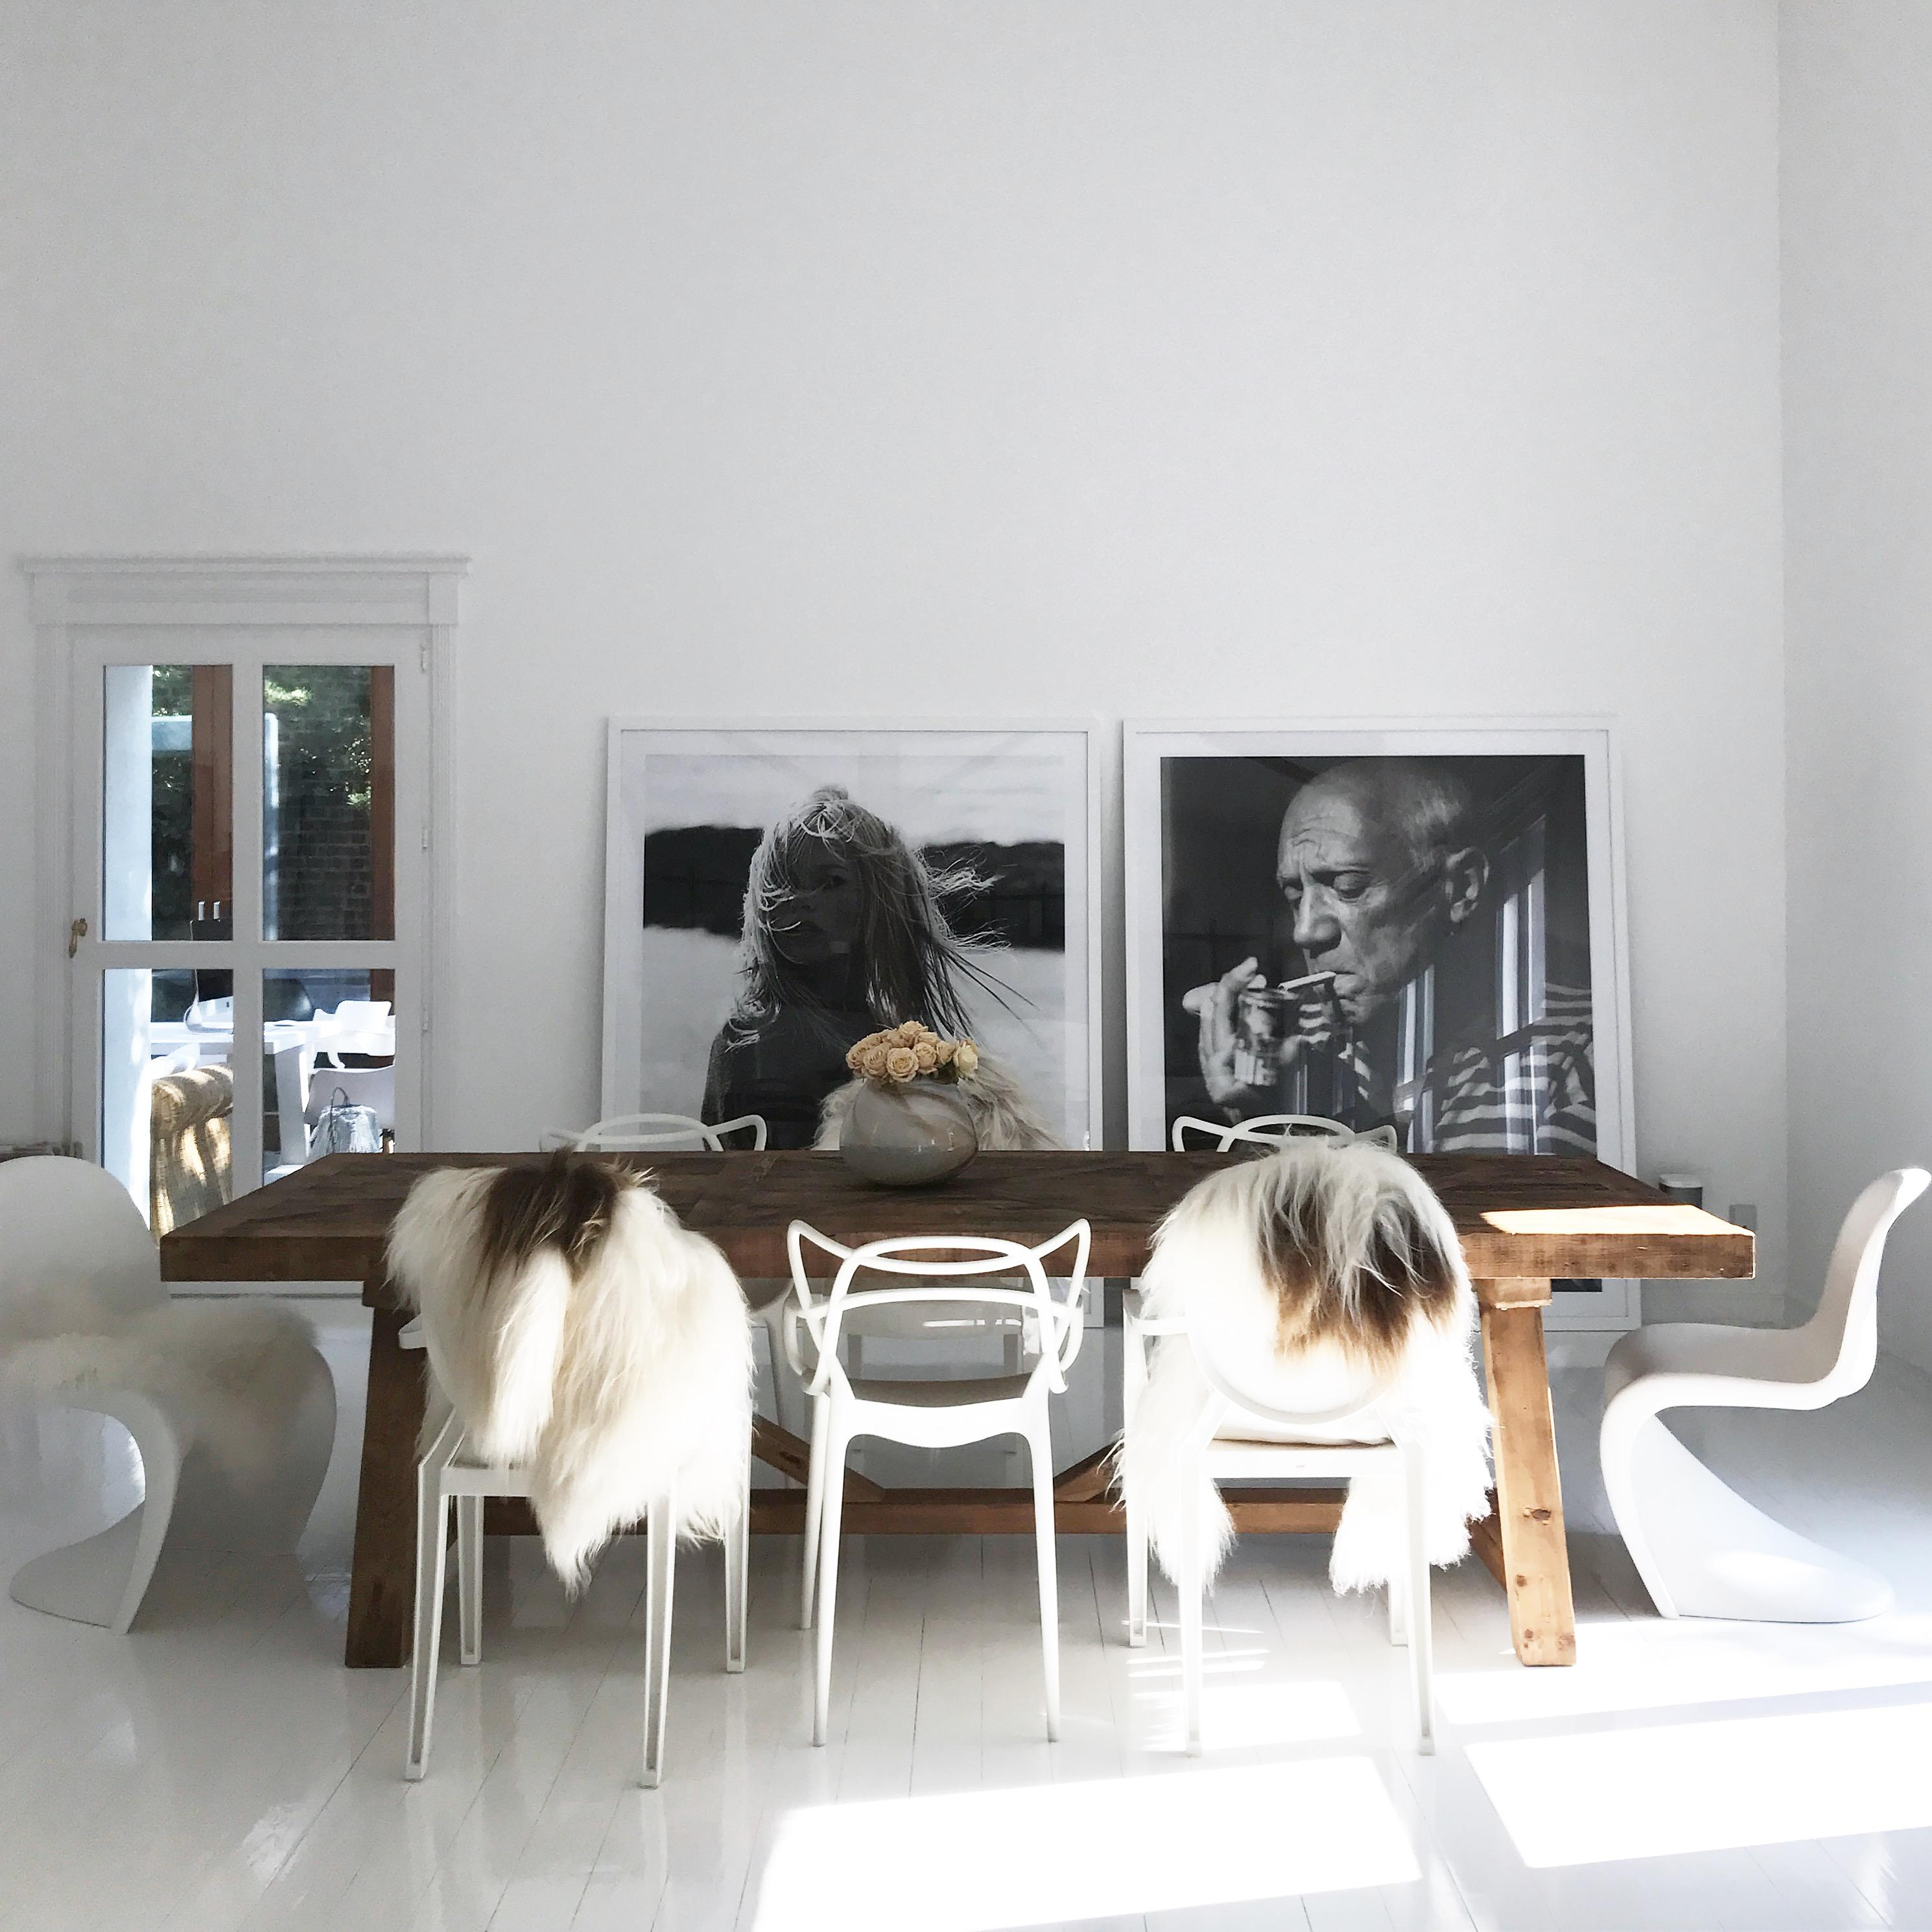 die kombination aus tollen mbeln und schner kunst gefllt lena terlutter esszimmer bilderrahmen - Esszimmer Kunst